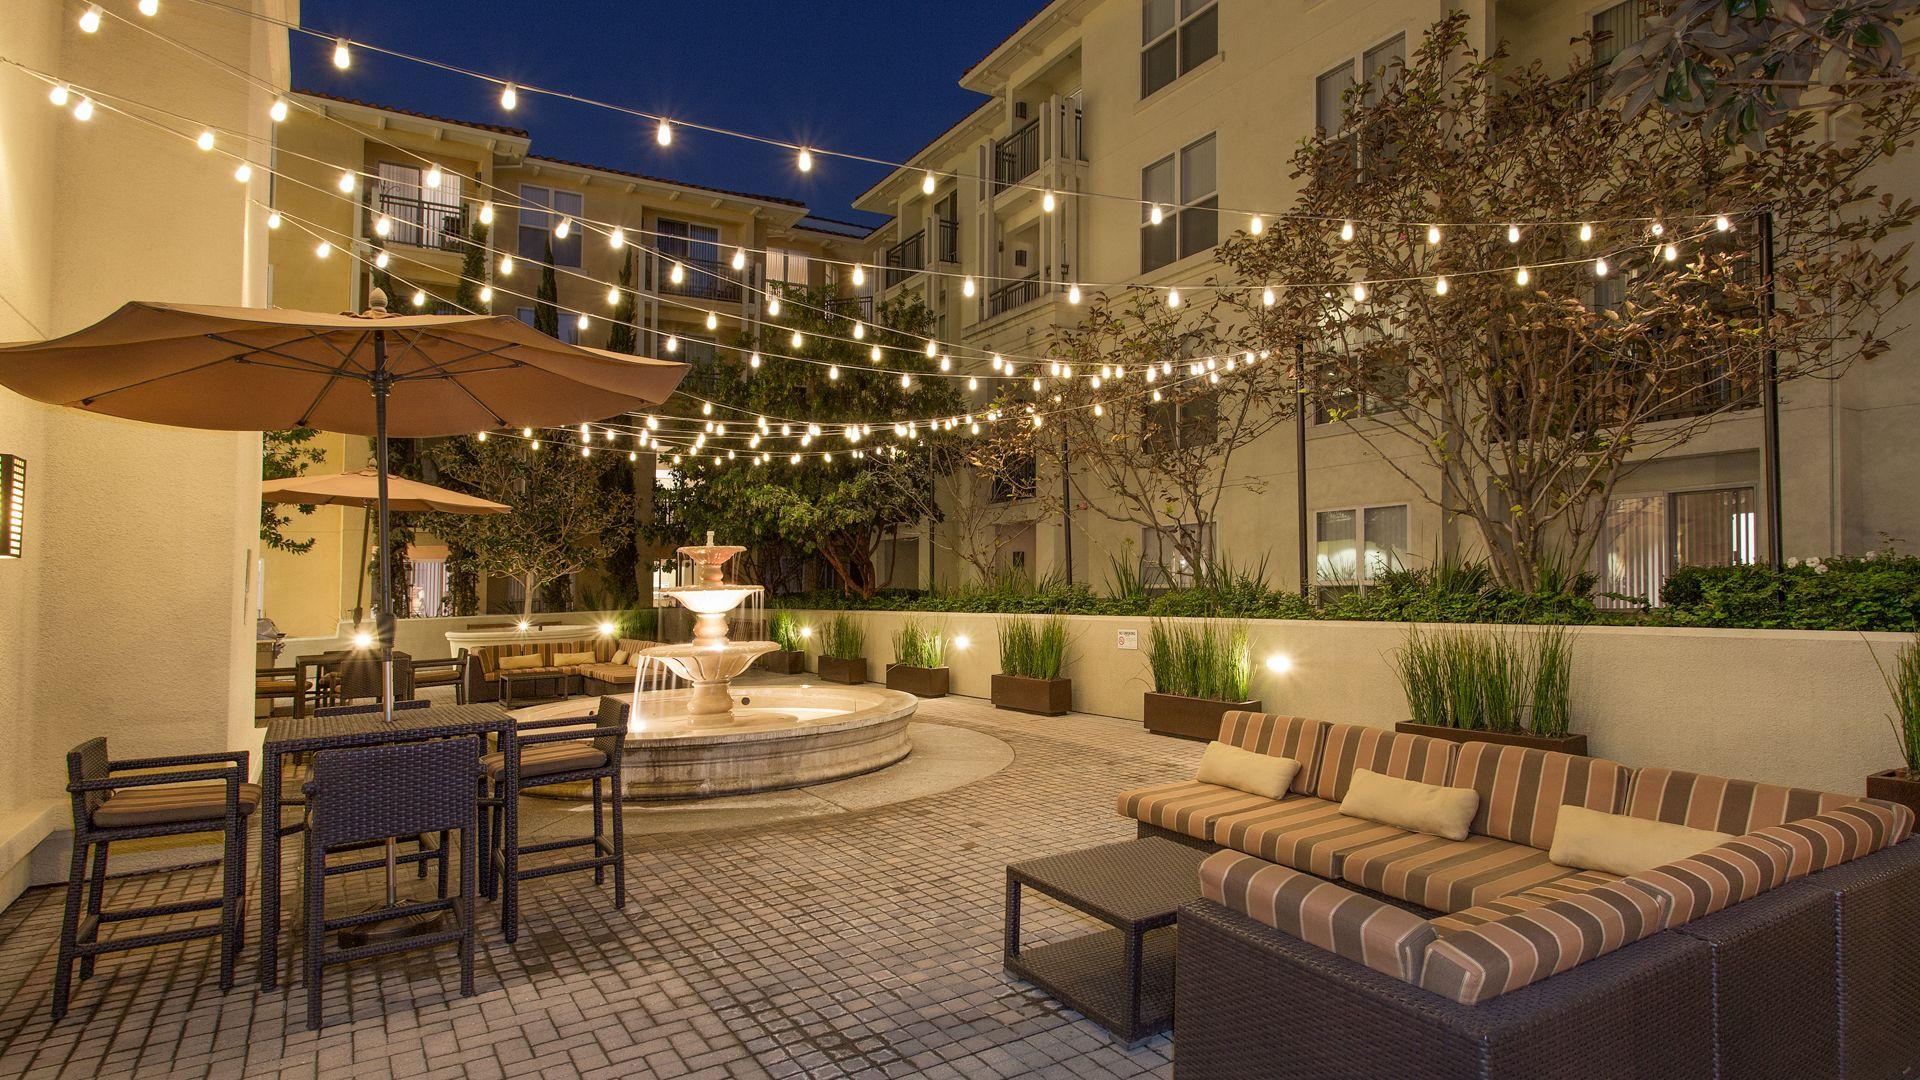 Acappella Pasadena - Courtyard